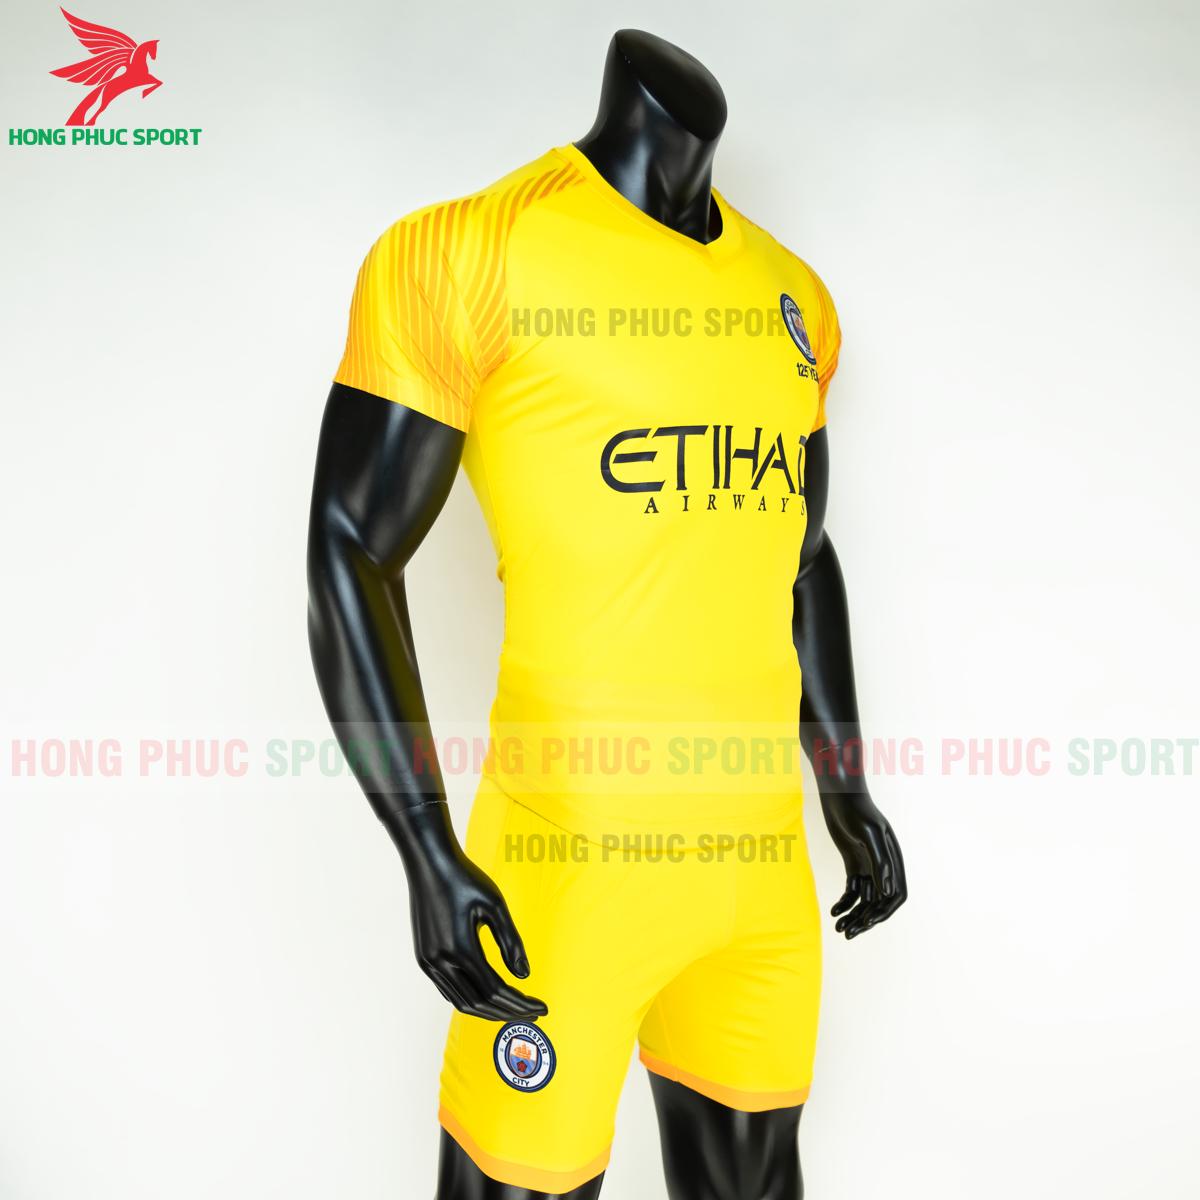 Áo đá bóng thủ môn Manchester City 2019 2020 mẫu thứ 3 (phải)